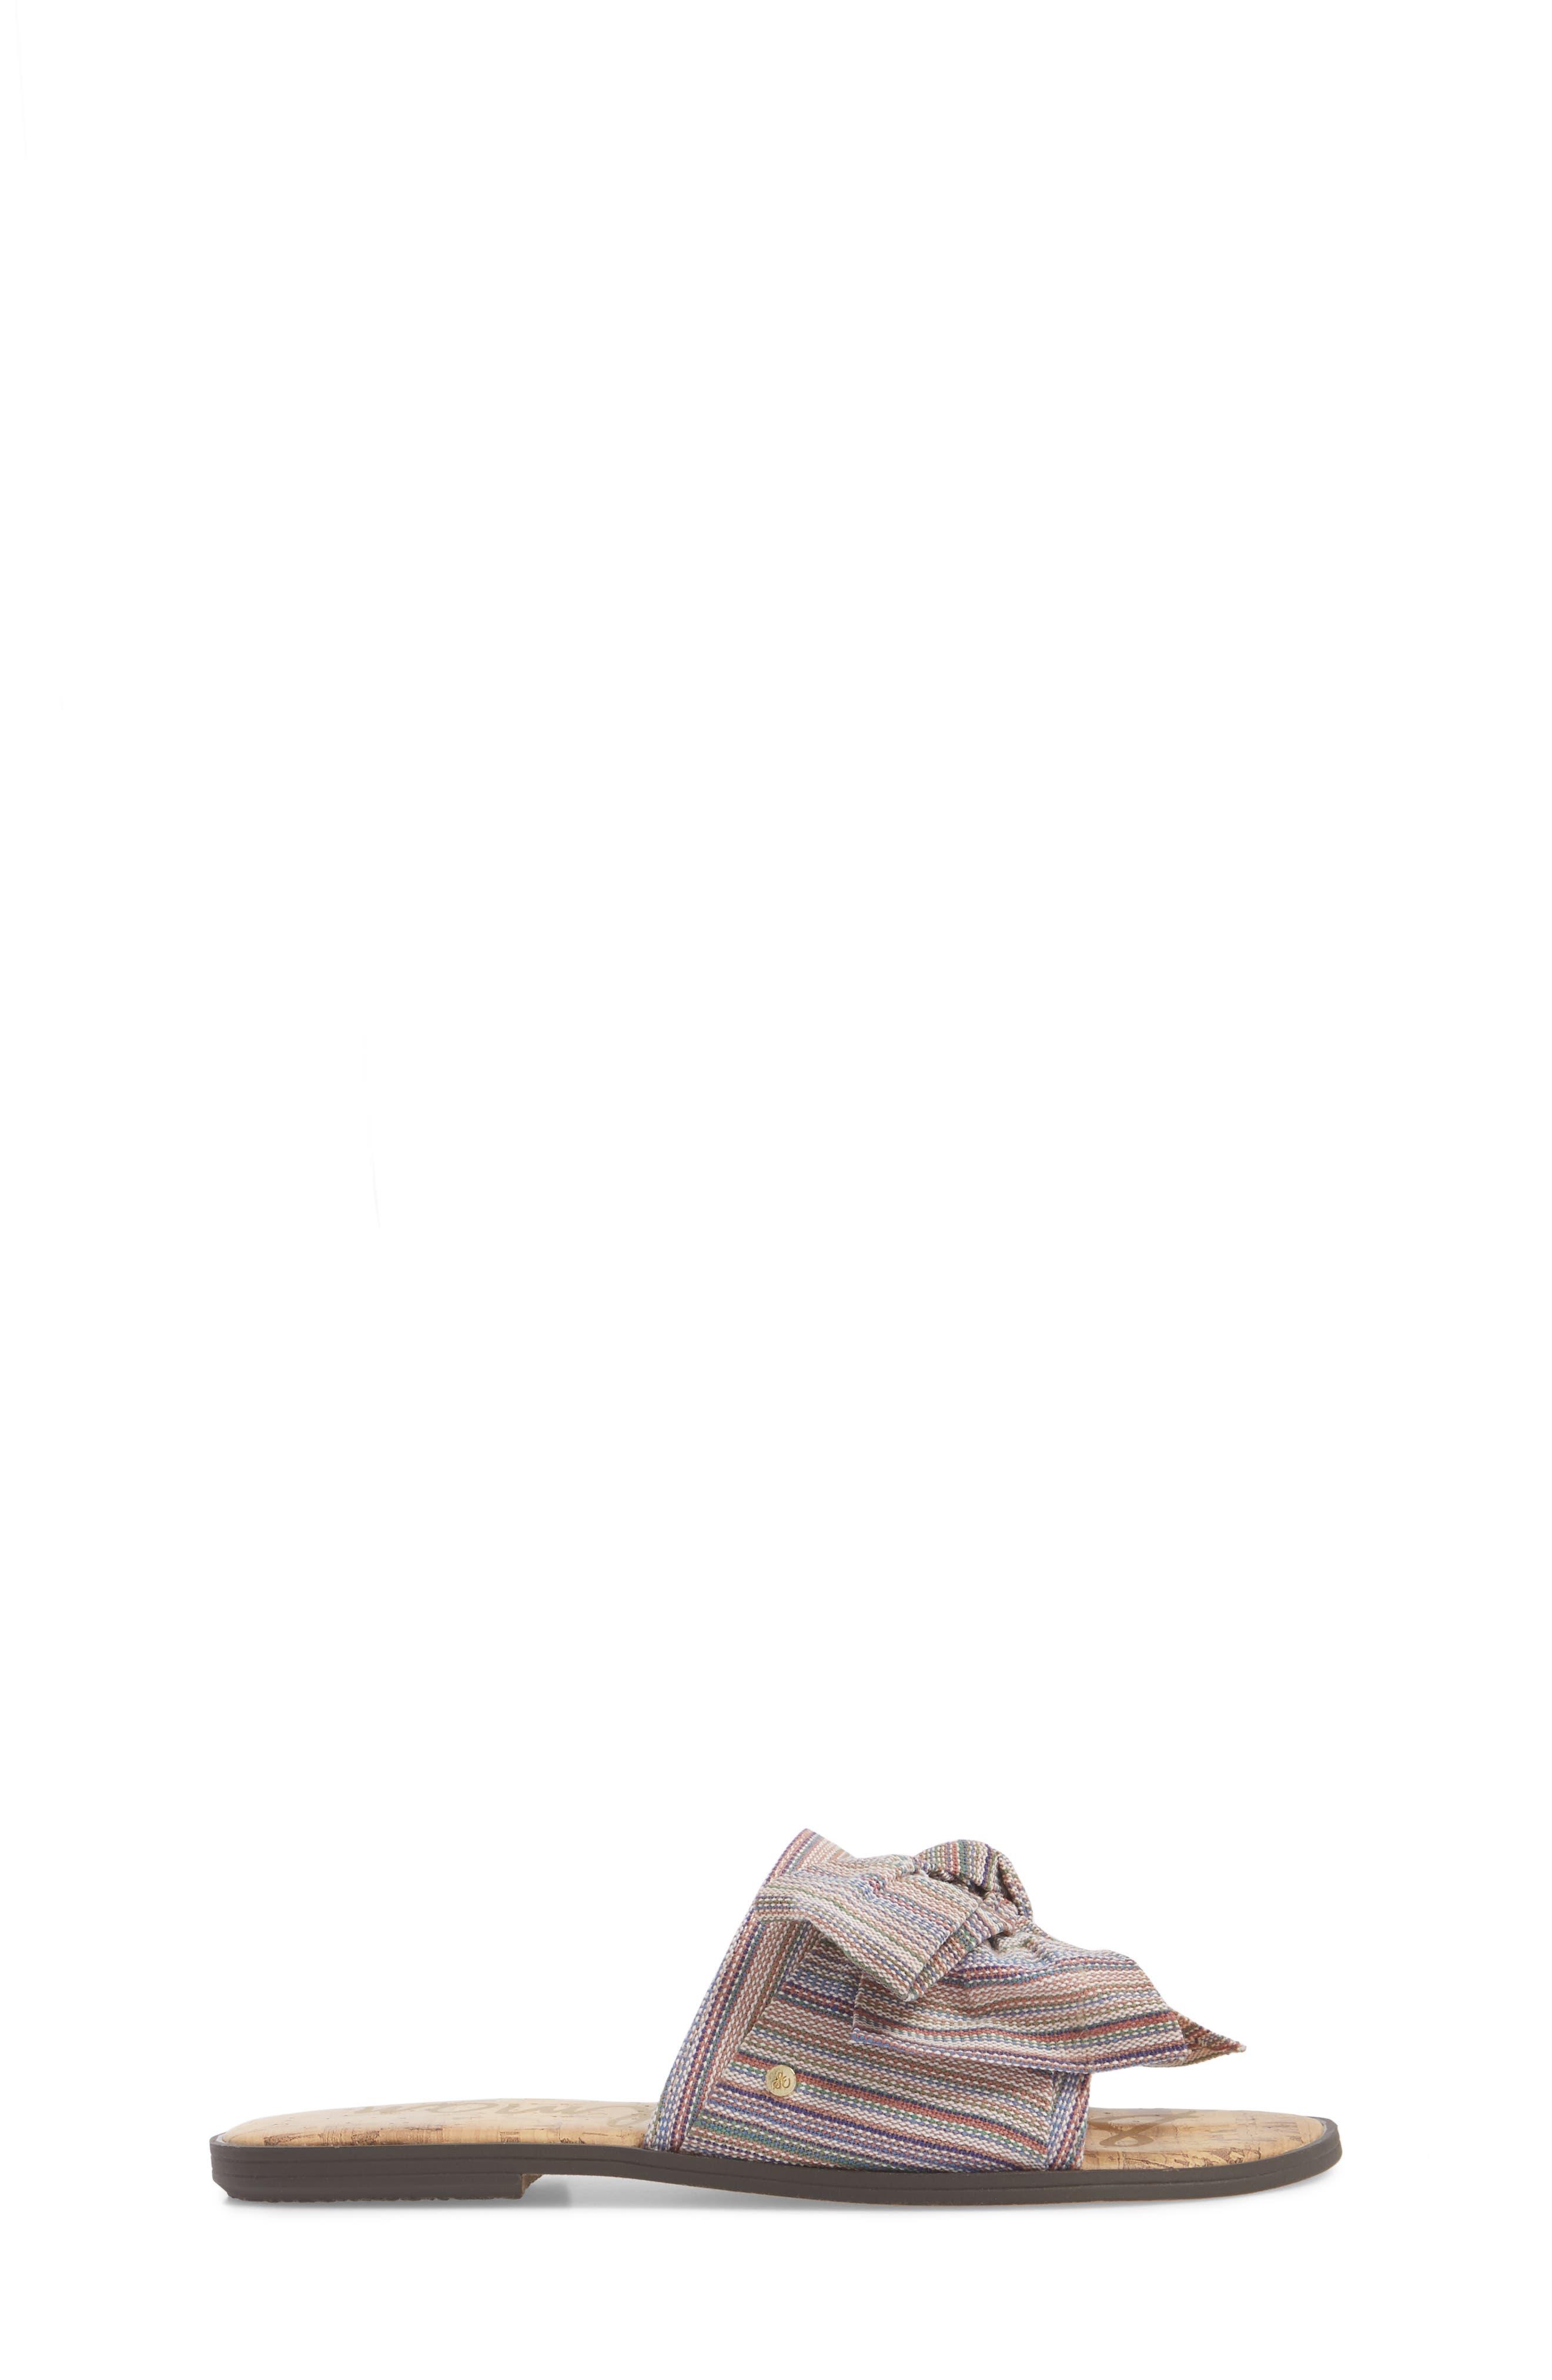 Gigi Bow Faux Leather Sandal,                             Alternate thumbnail 3, color,                             Tan Multi Fabric